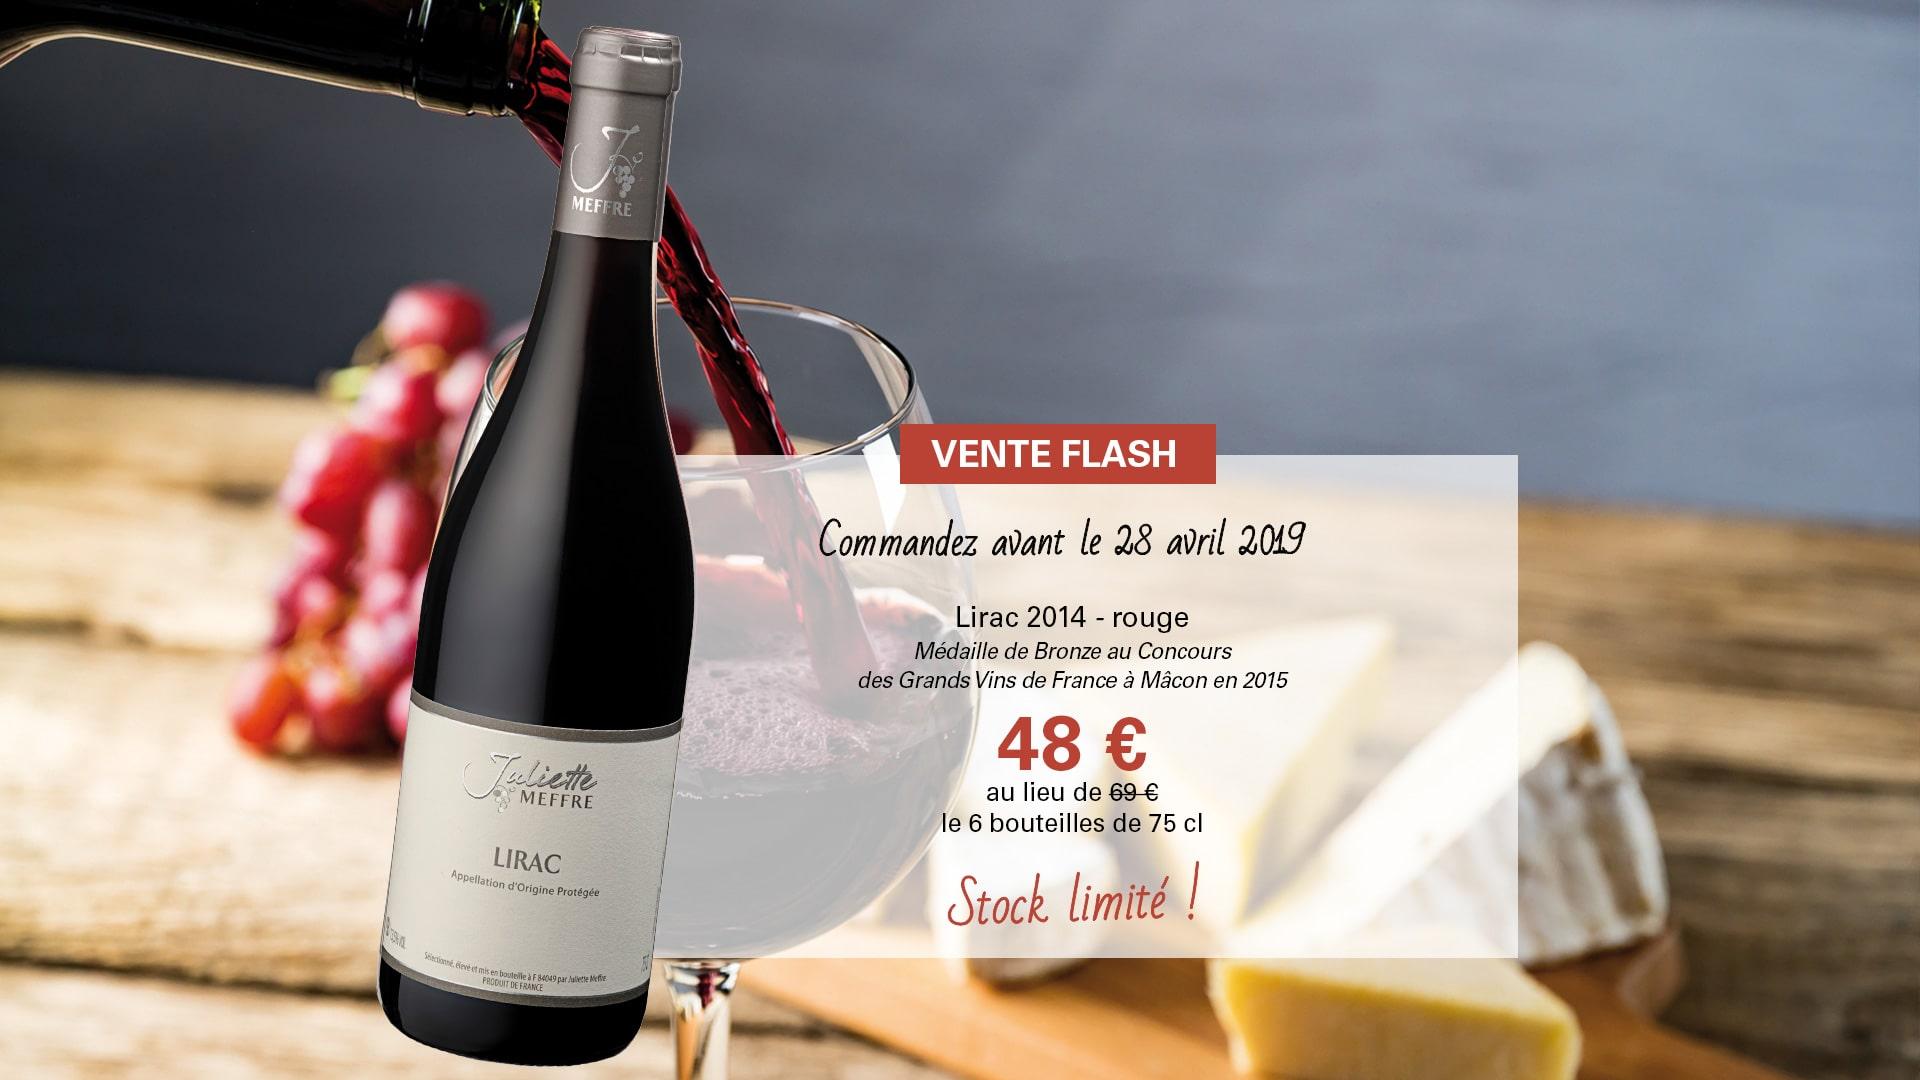 Vente Flash - Lirac 2014